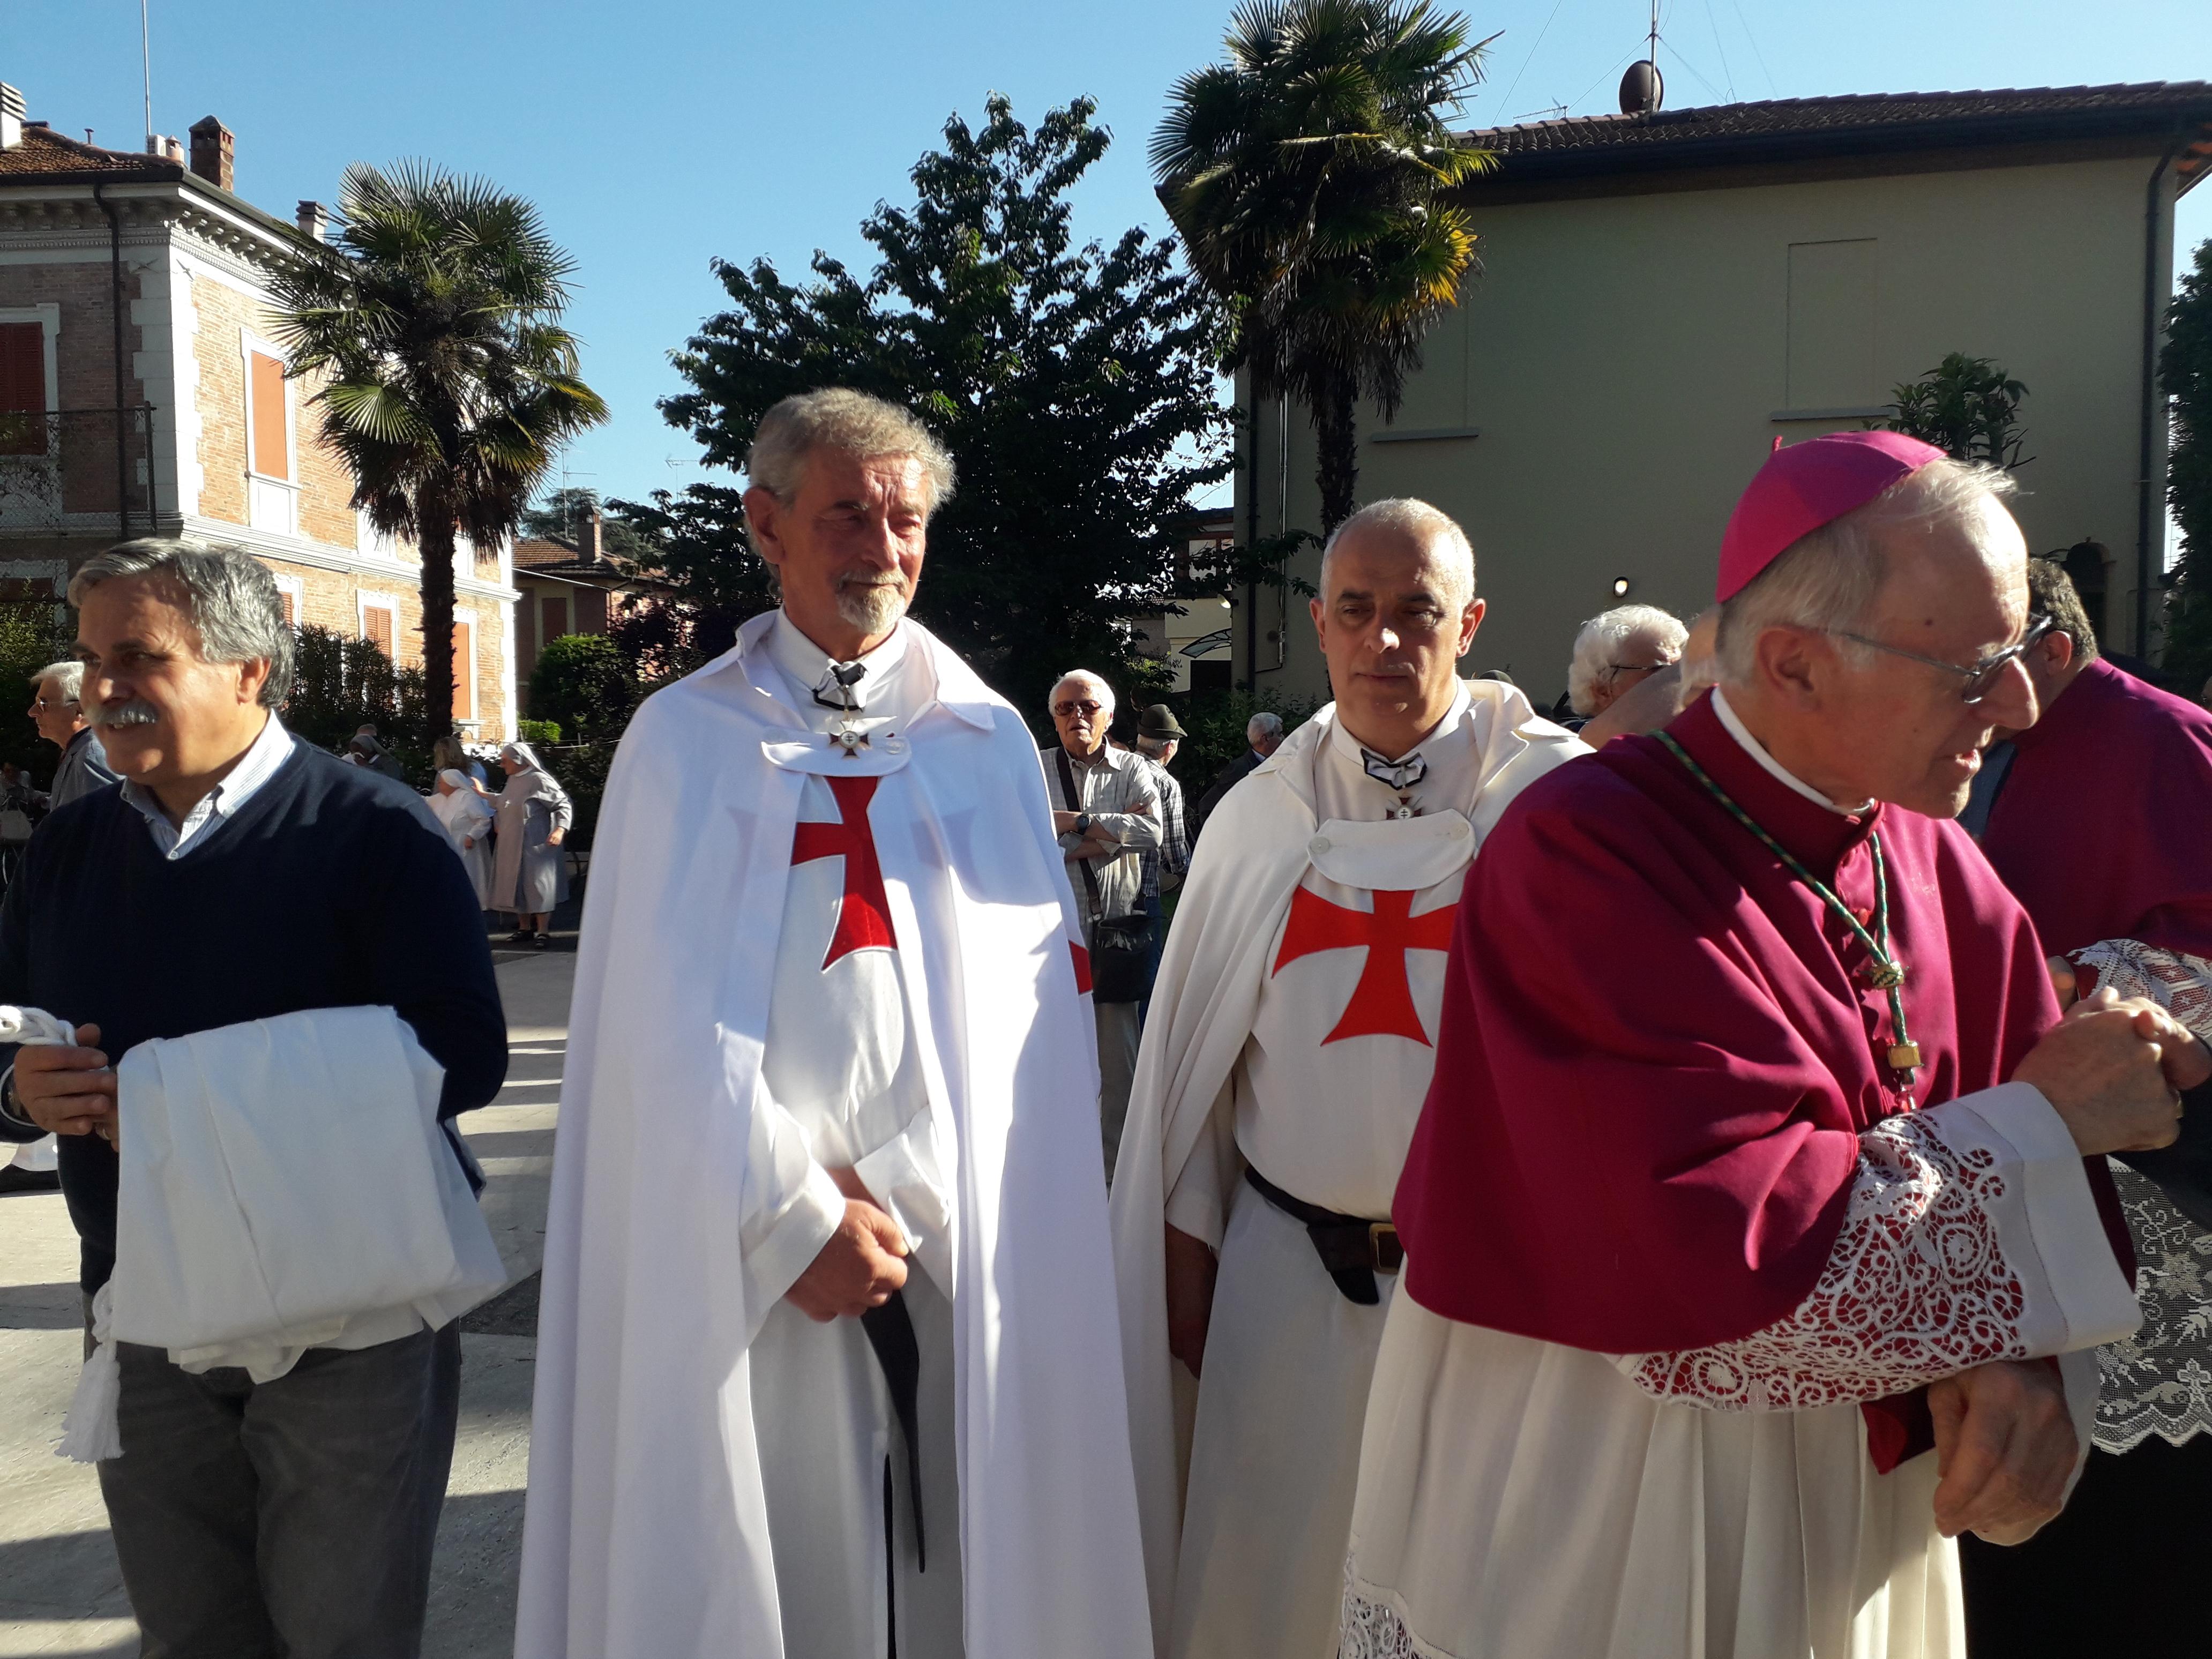 Processione della Madonna del Piratello e Santa Messa – Duomo di Imola – 2 giu 2019 con il Vescovo di Imola S.E. Mons. Tommaso Ghirelli